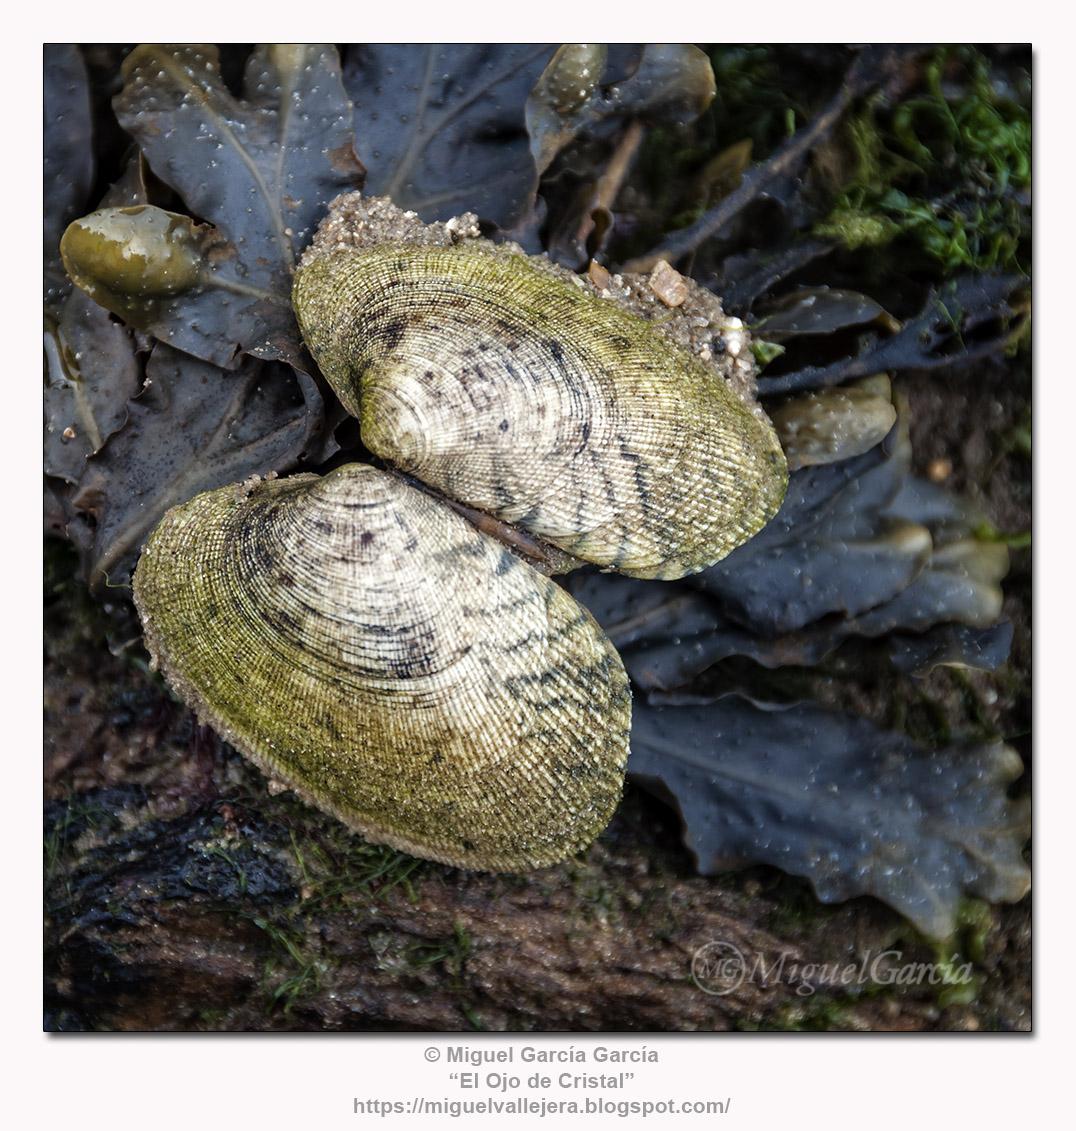 Conchas de almeja sobre arena y algas.